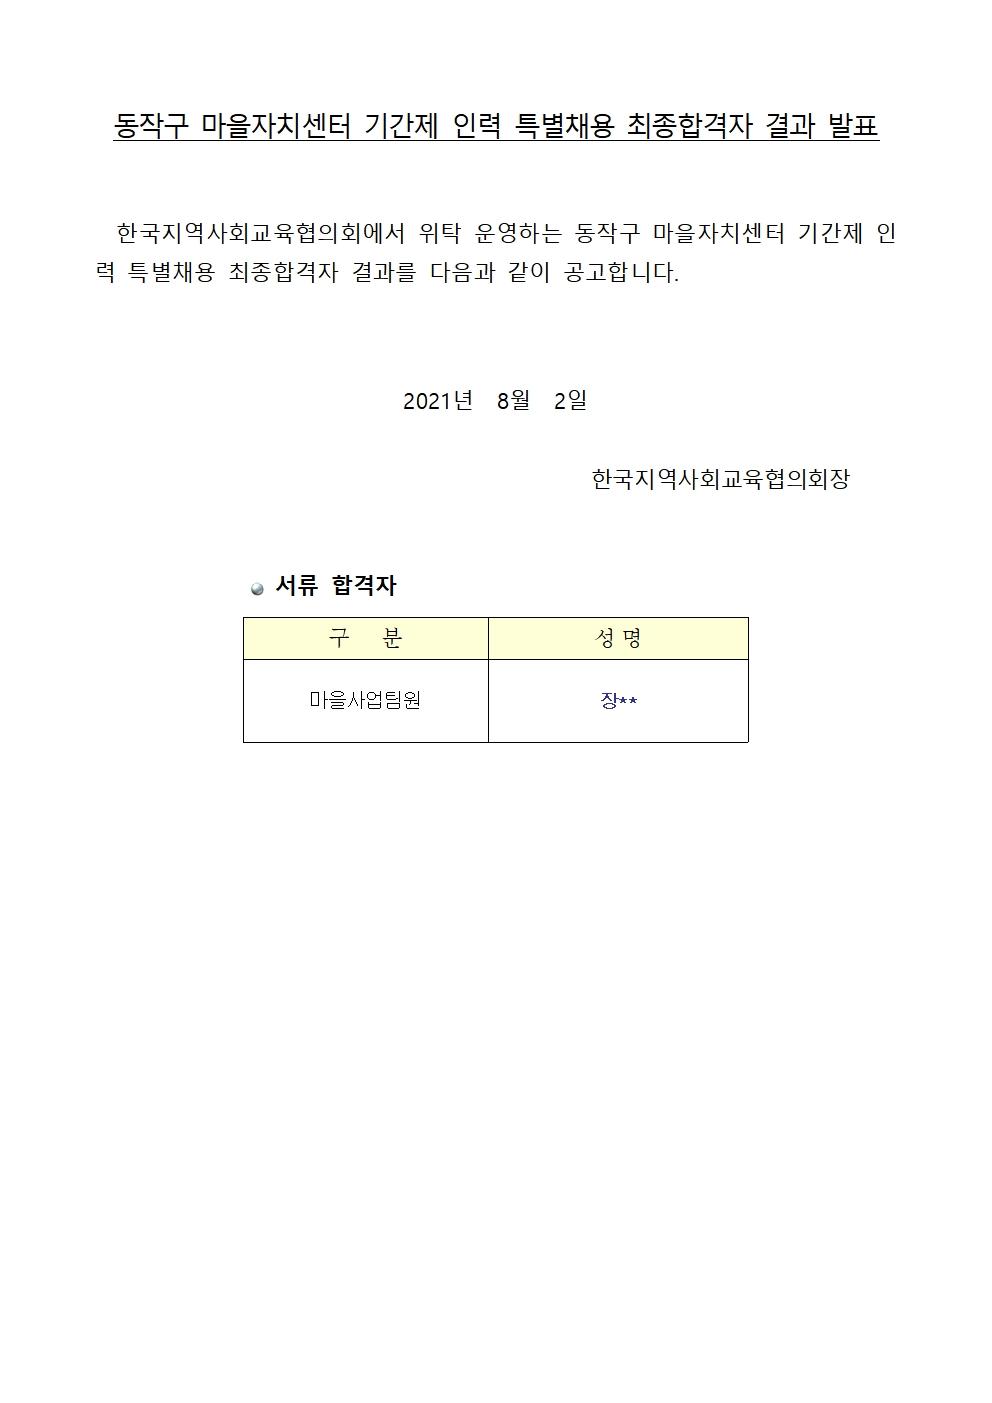 동작구마을자치센터 마을사업팀 특별채용 최종합격자 결과001.jpg